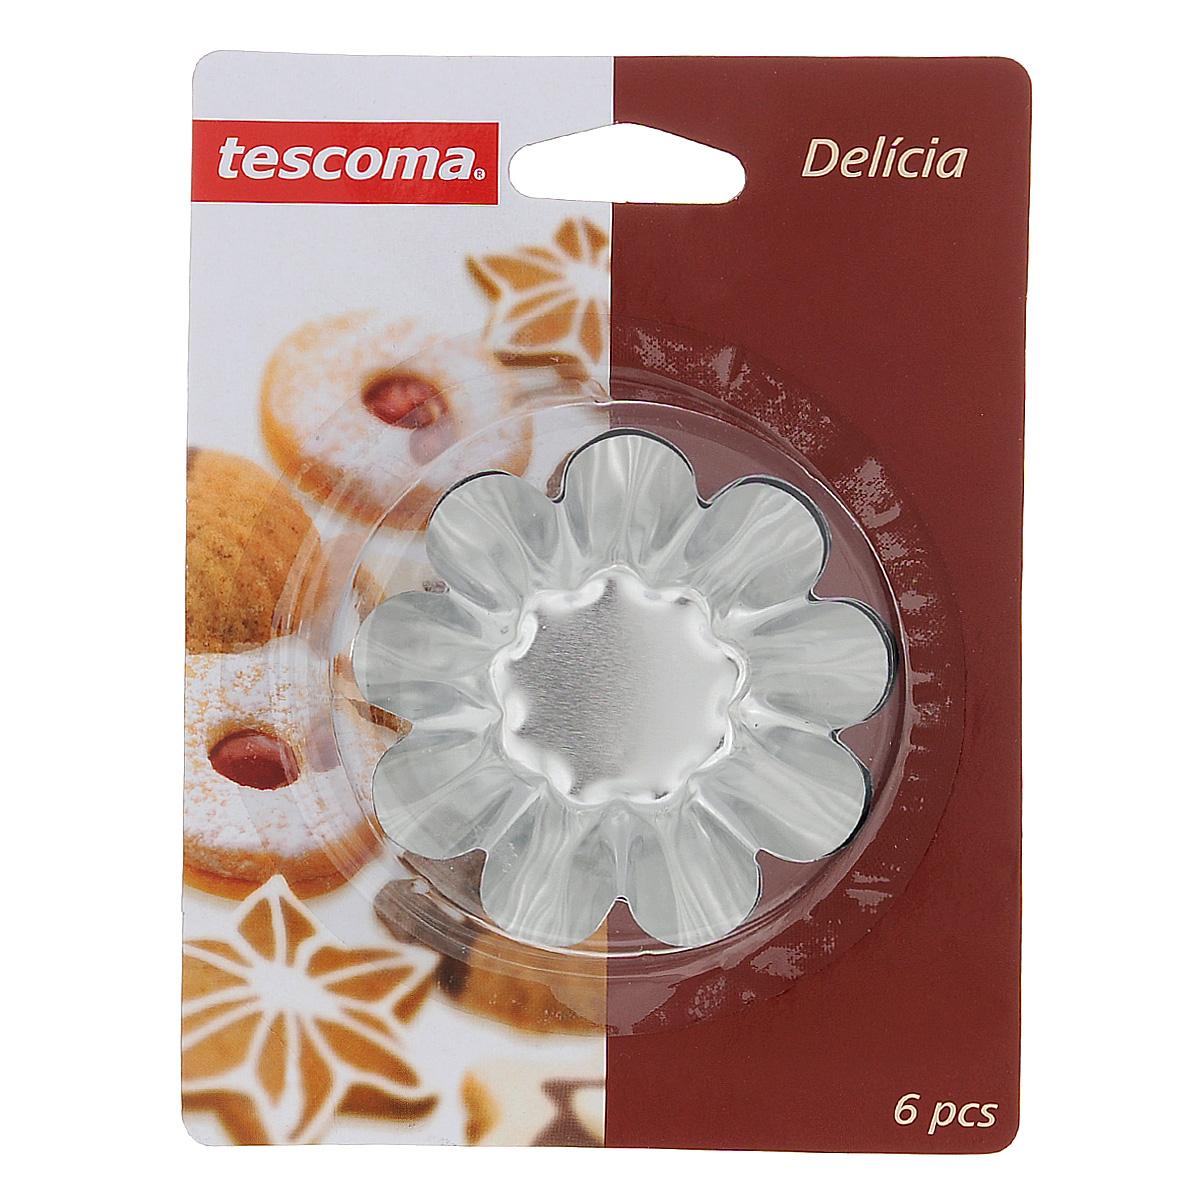 Набор форм для выпечки Tescoma Delicia, с антипригарным покрытием, диаметр 6 см, 6 шт3000011SURM017Набор Tescoma Delicia состоит из 6 круглых форм с волнистыми рельефными краями для выпечки кексов. Изделия выполнены из нержавеющей стали с антипригарным покрытием, которое предотвращает прилипание пищи. Это позволит легко извлечь выпечку из формы, просто перевернув ее. Формы замечательно подходят для приготовления кексов, сладкого, соленого печенья и других десертов. После использования вымойте и вытрите формы.Нельзя использовать в посудомоечной машине.